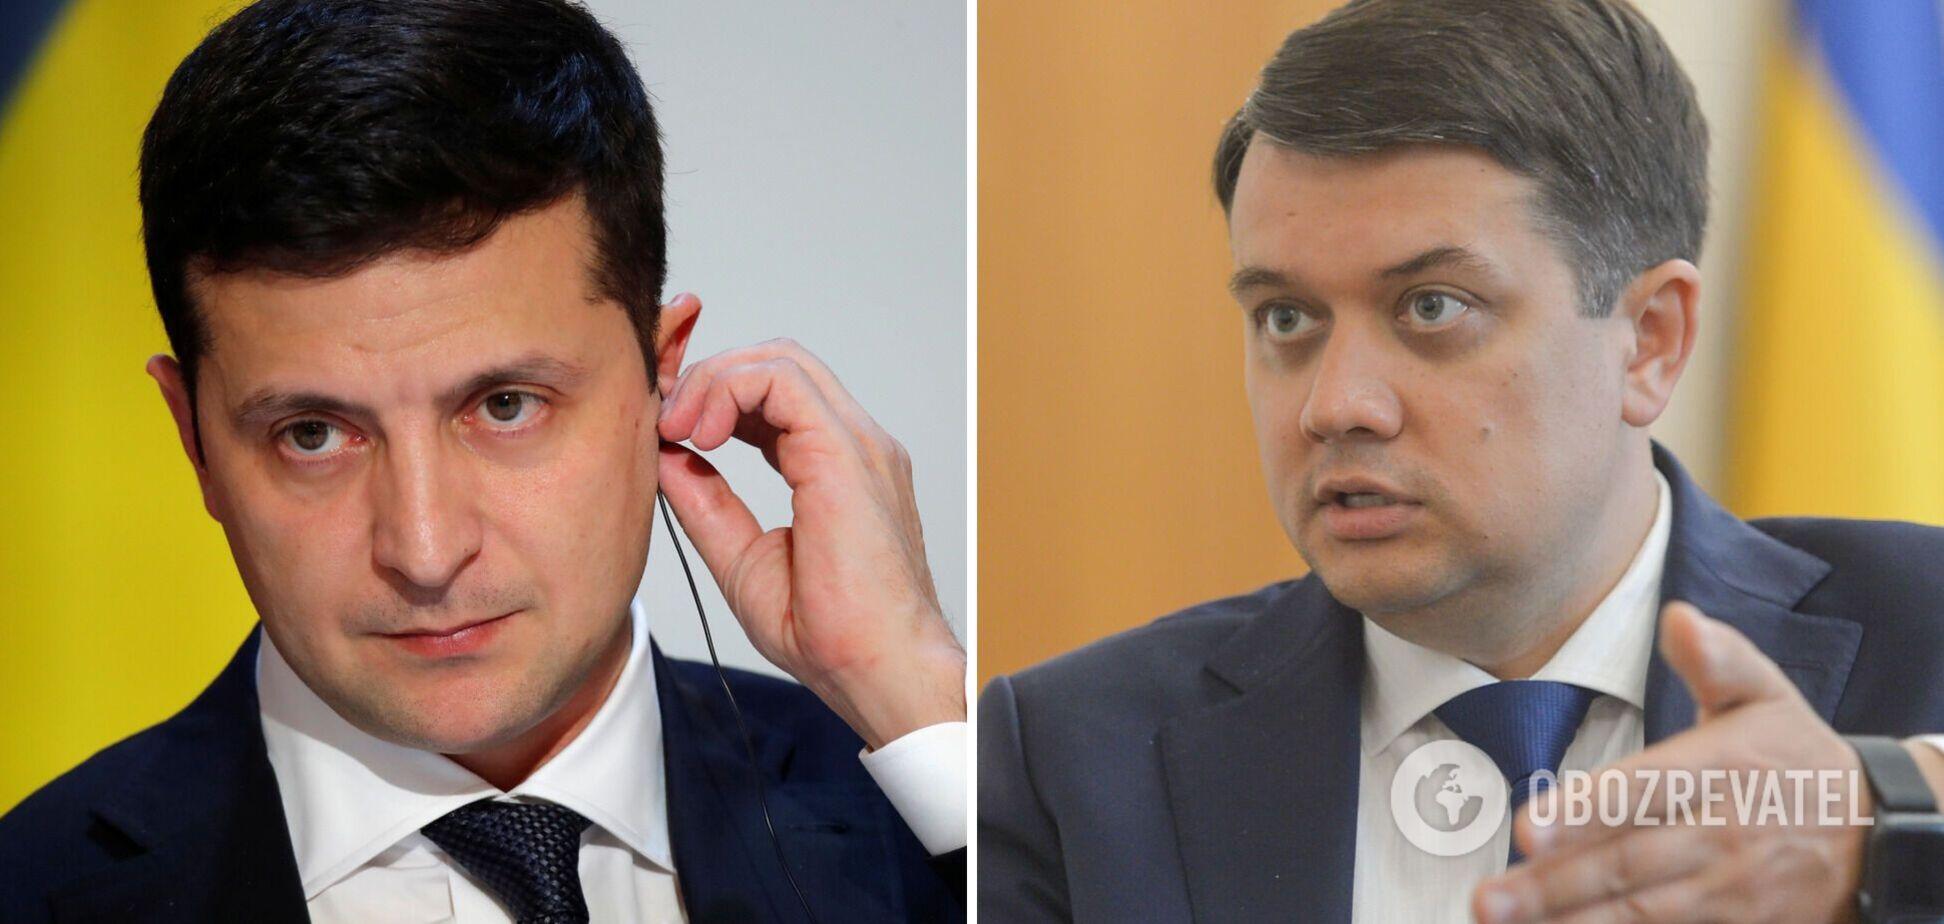 Зеленский приехал в Трускавец и назвал большую ошибку Разумкова. Видео